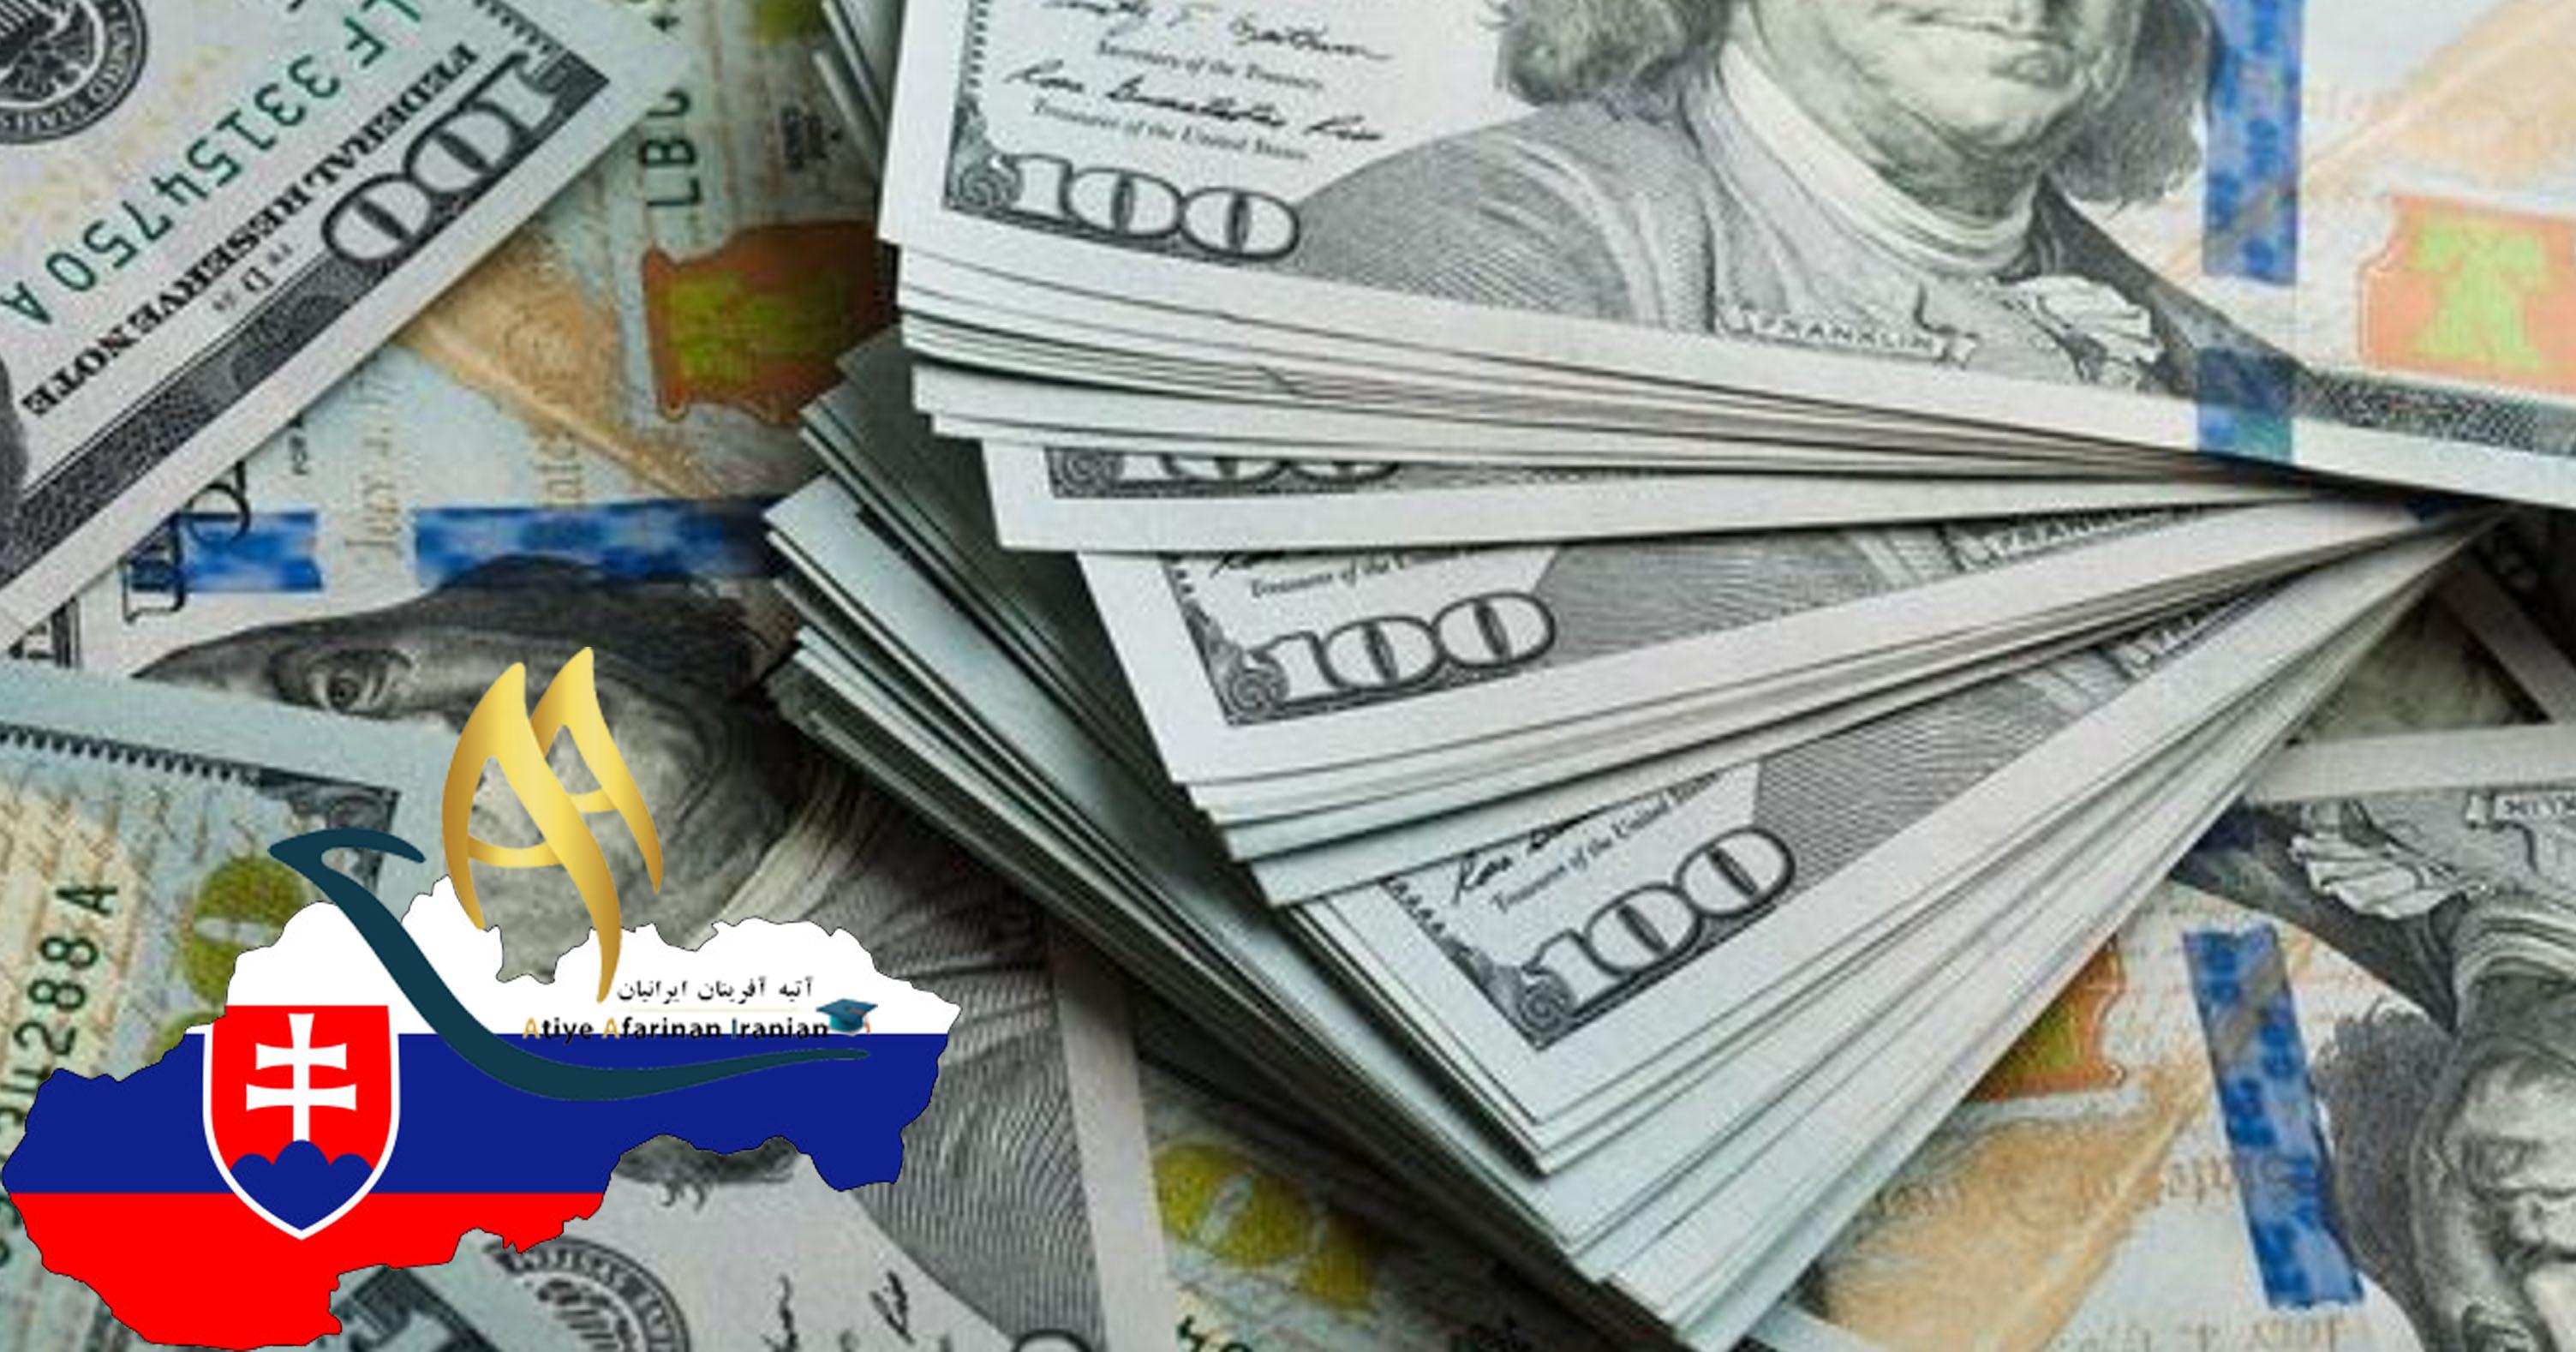 تمکن مالی در اسلواکی